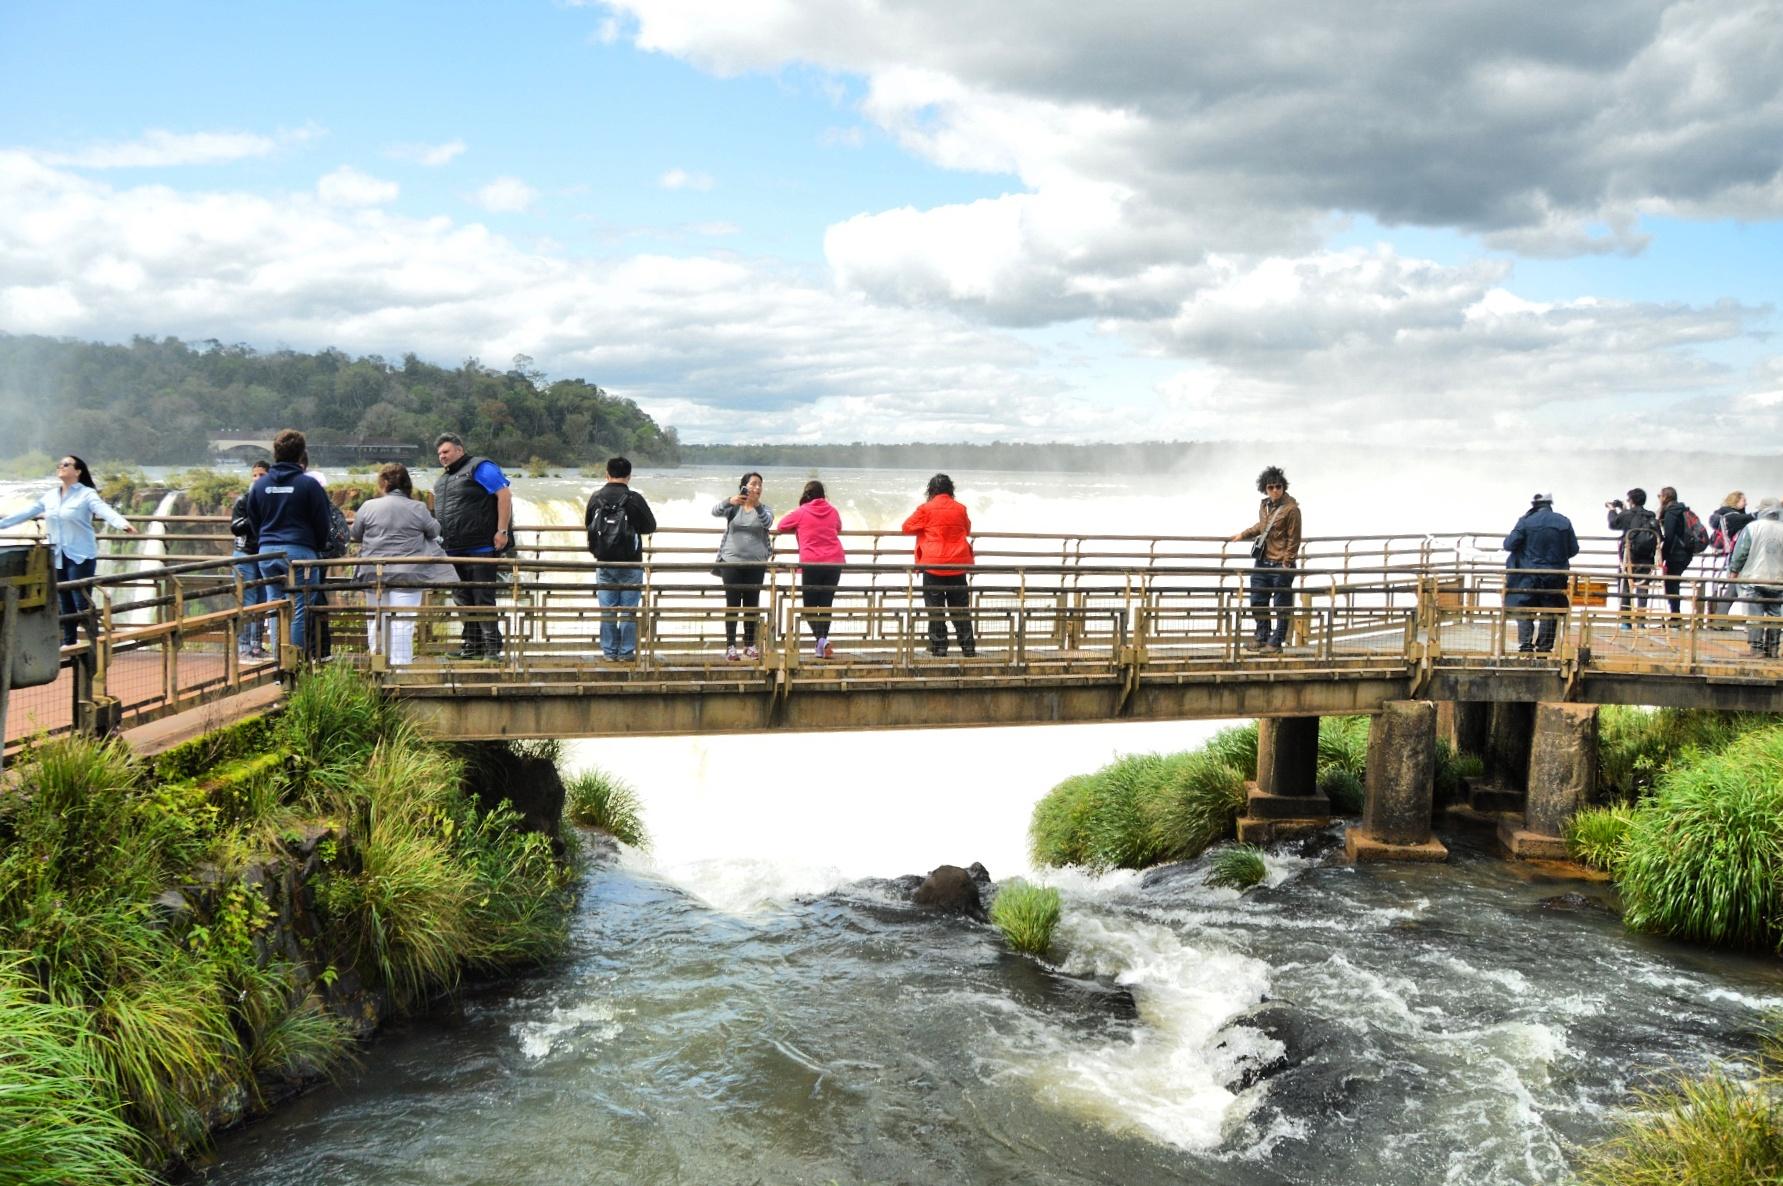 Cataratas do Iguaçu, lado argentino, Puerto Iguaçu - Argentina, by Luciana de Paula, 2016